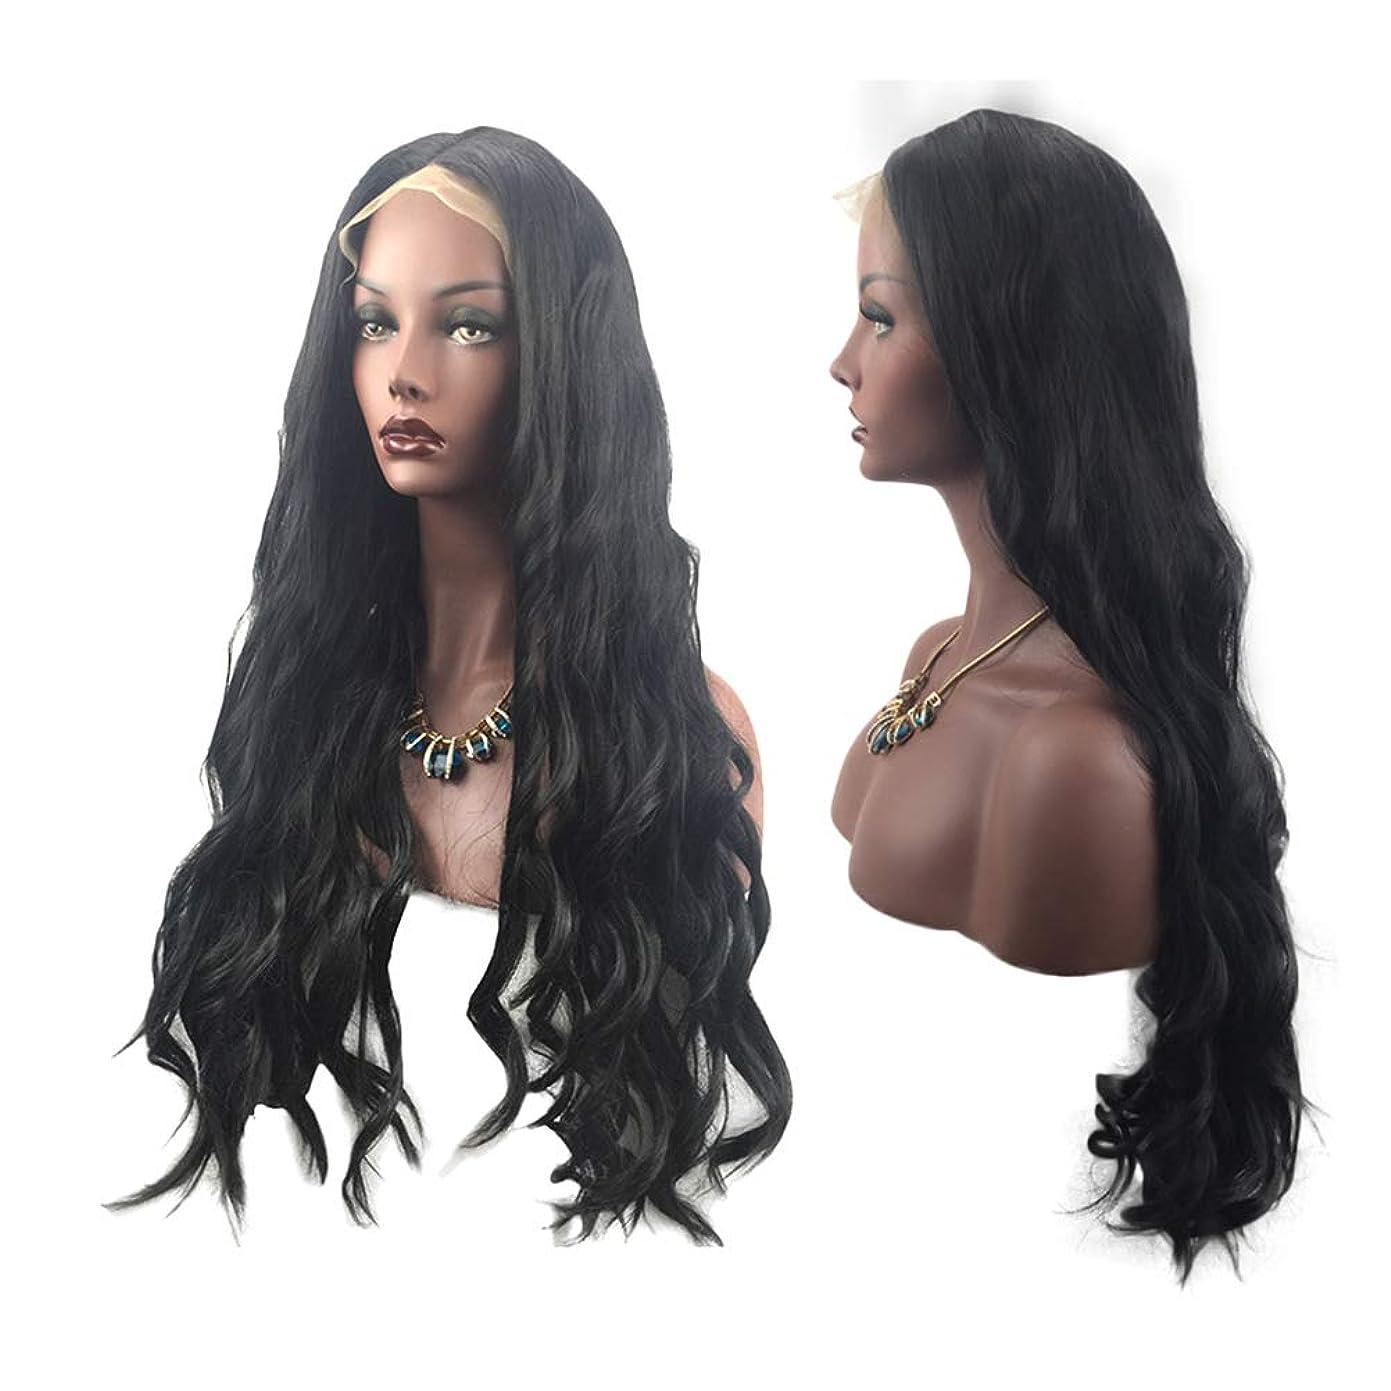 神経衰弱論理的に潮女性の長い巻き毛のファッション髪かつら自然に見える絶妙な弾性ネットかつらカバー(LS-019)